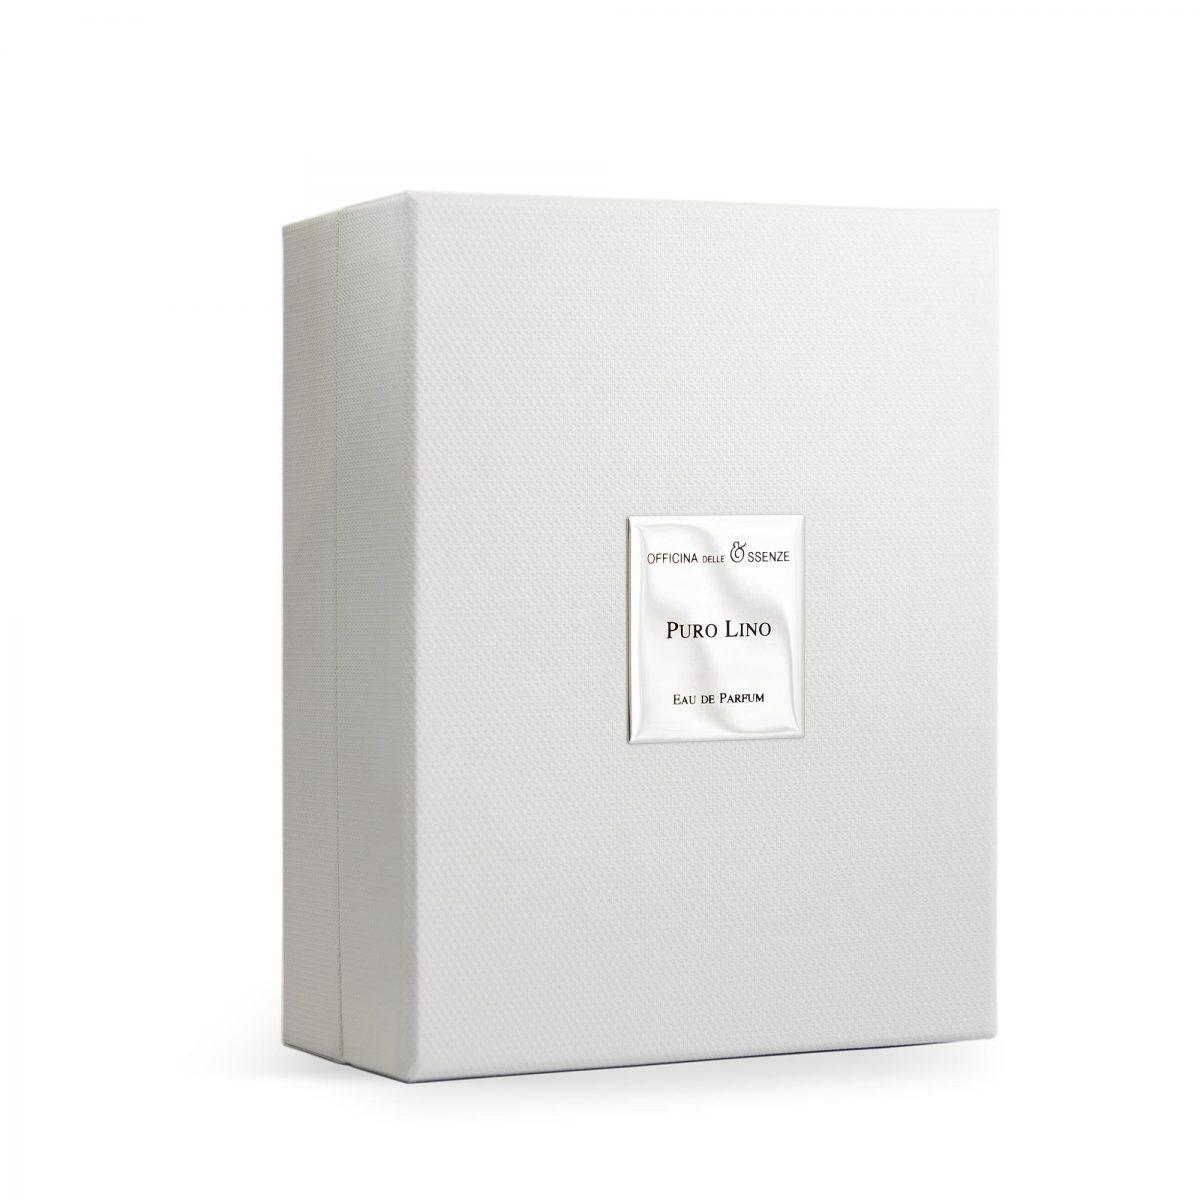 Officina delle Essenze box Puro Lino